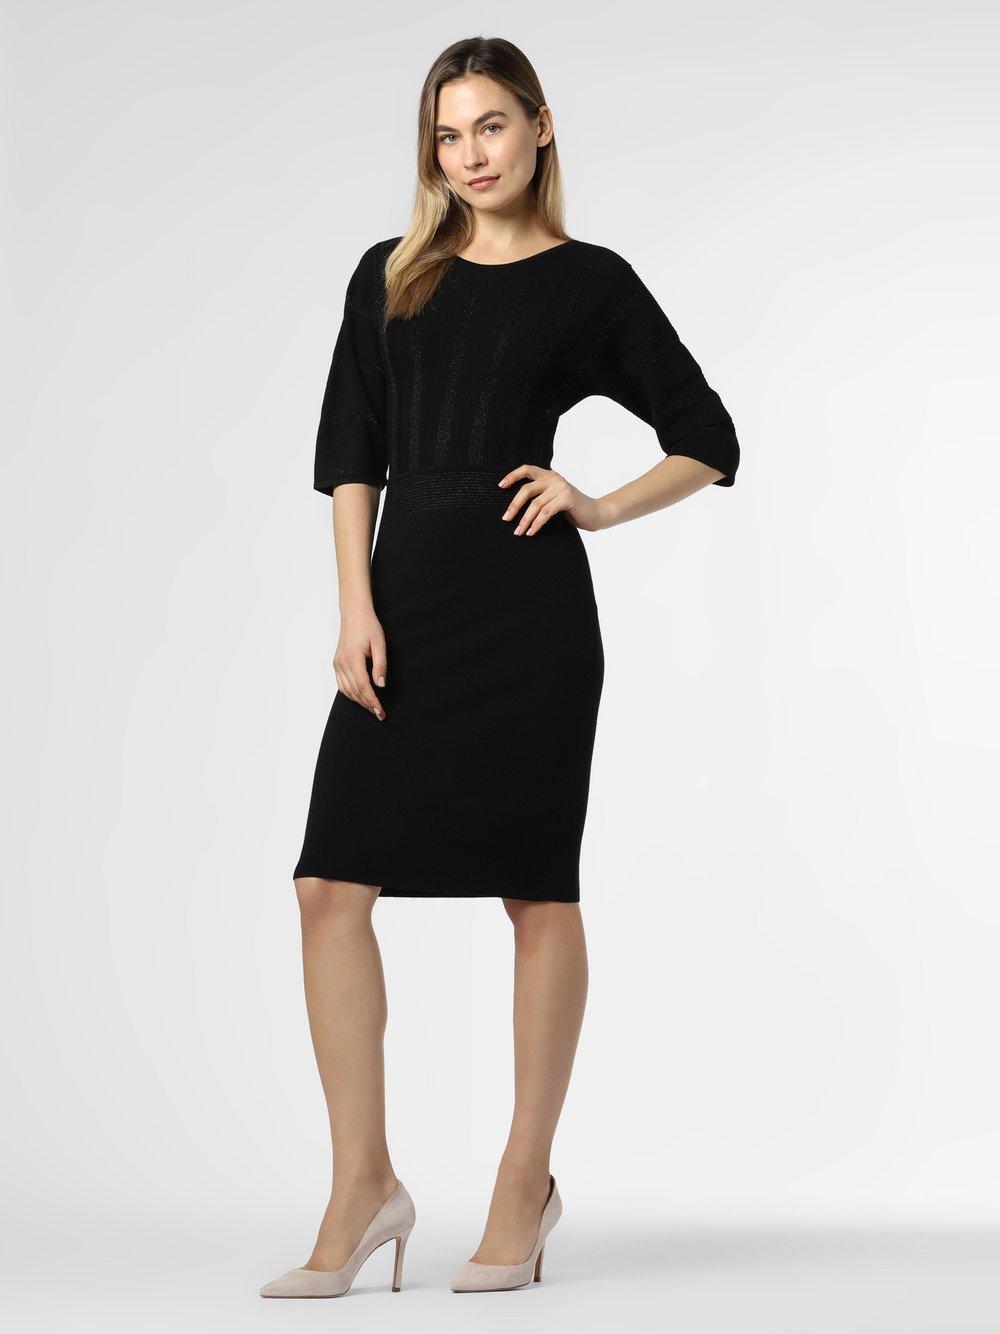 BOSS Casual - Sukienka damska – C_Fayuria, czarny